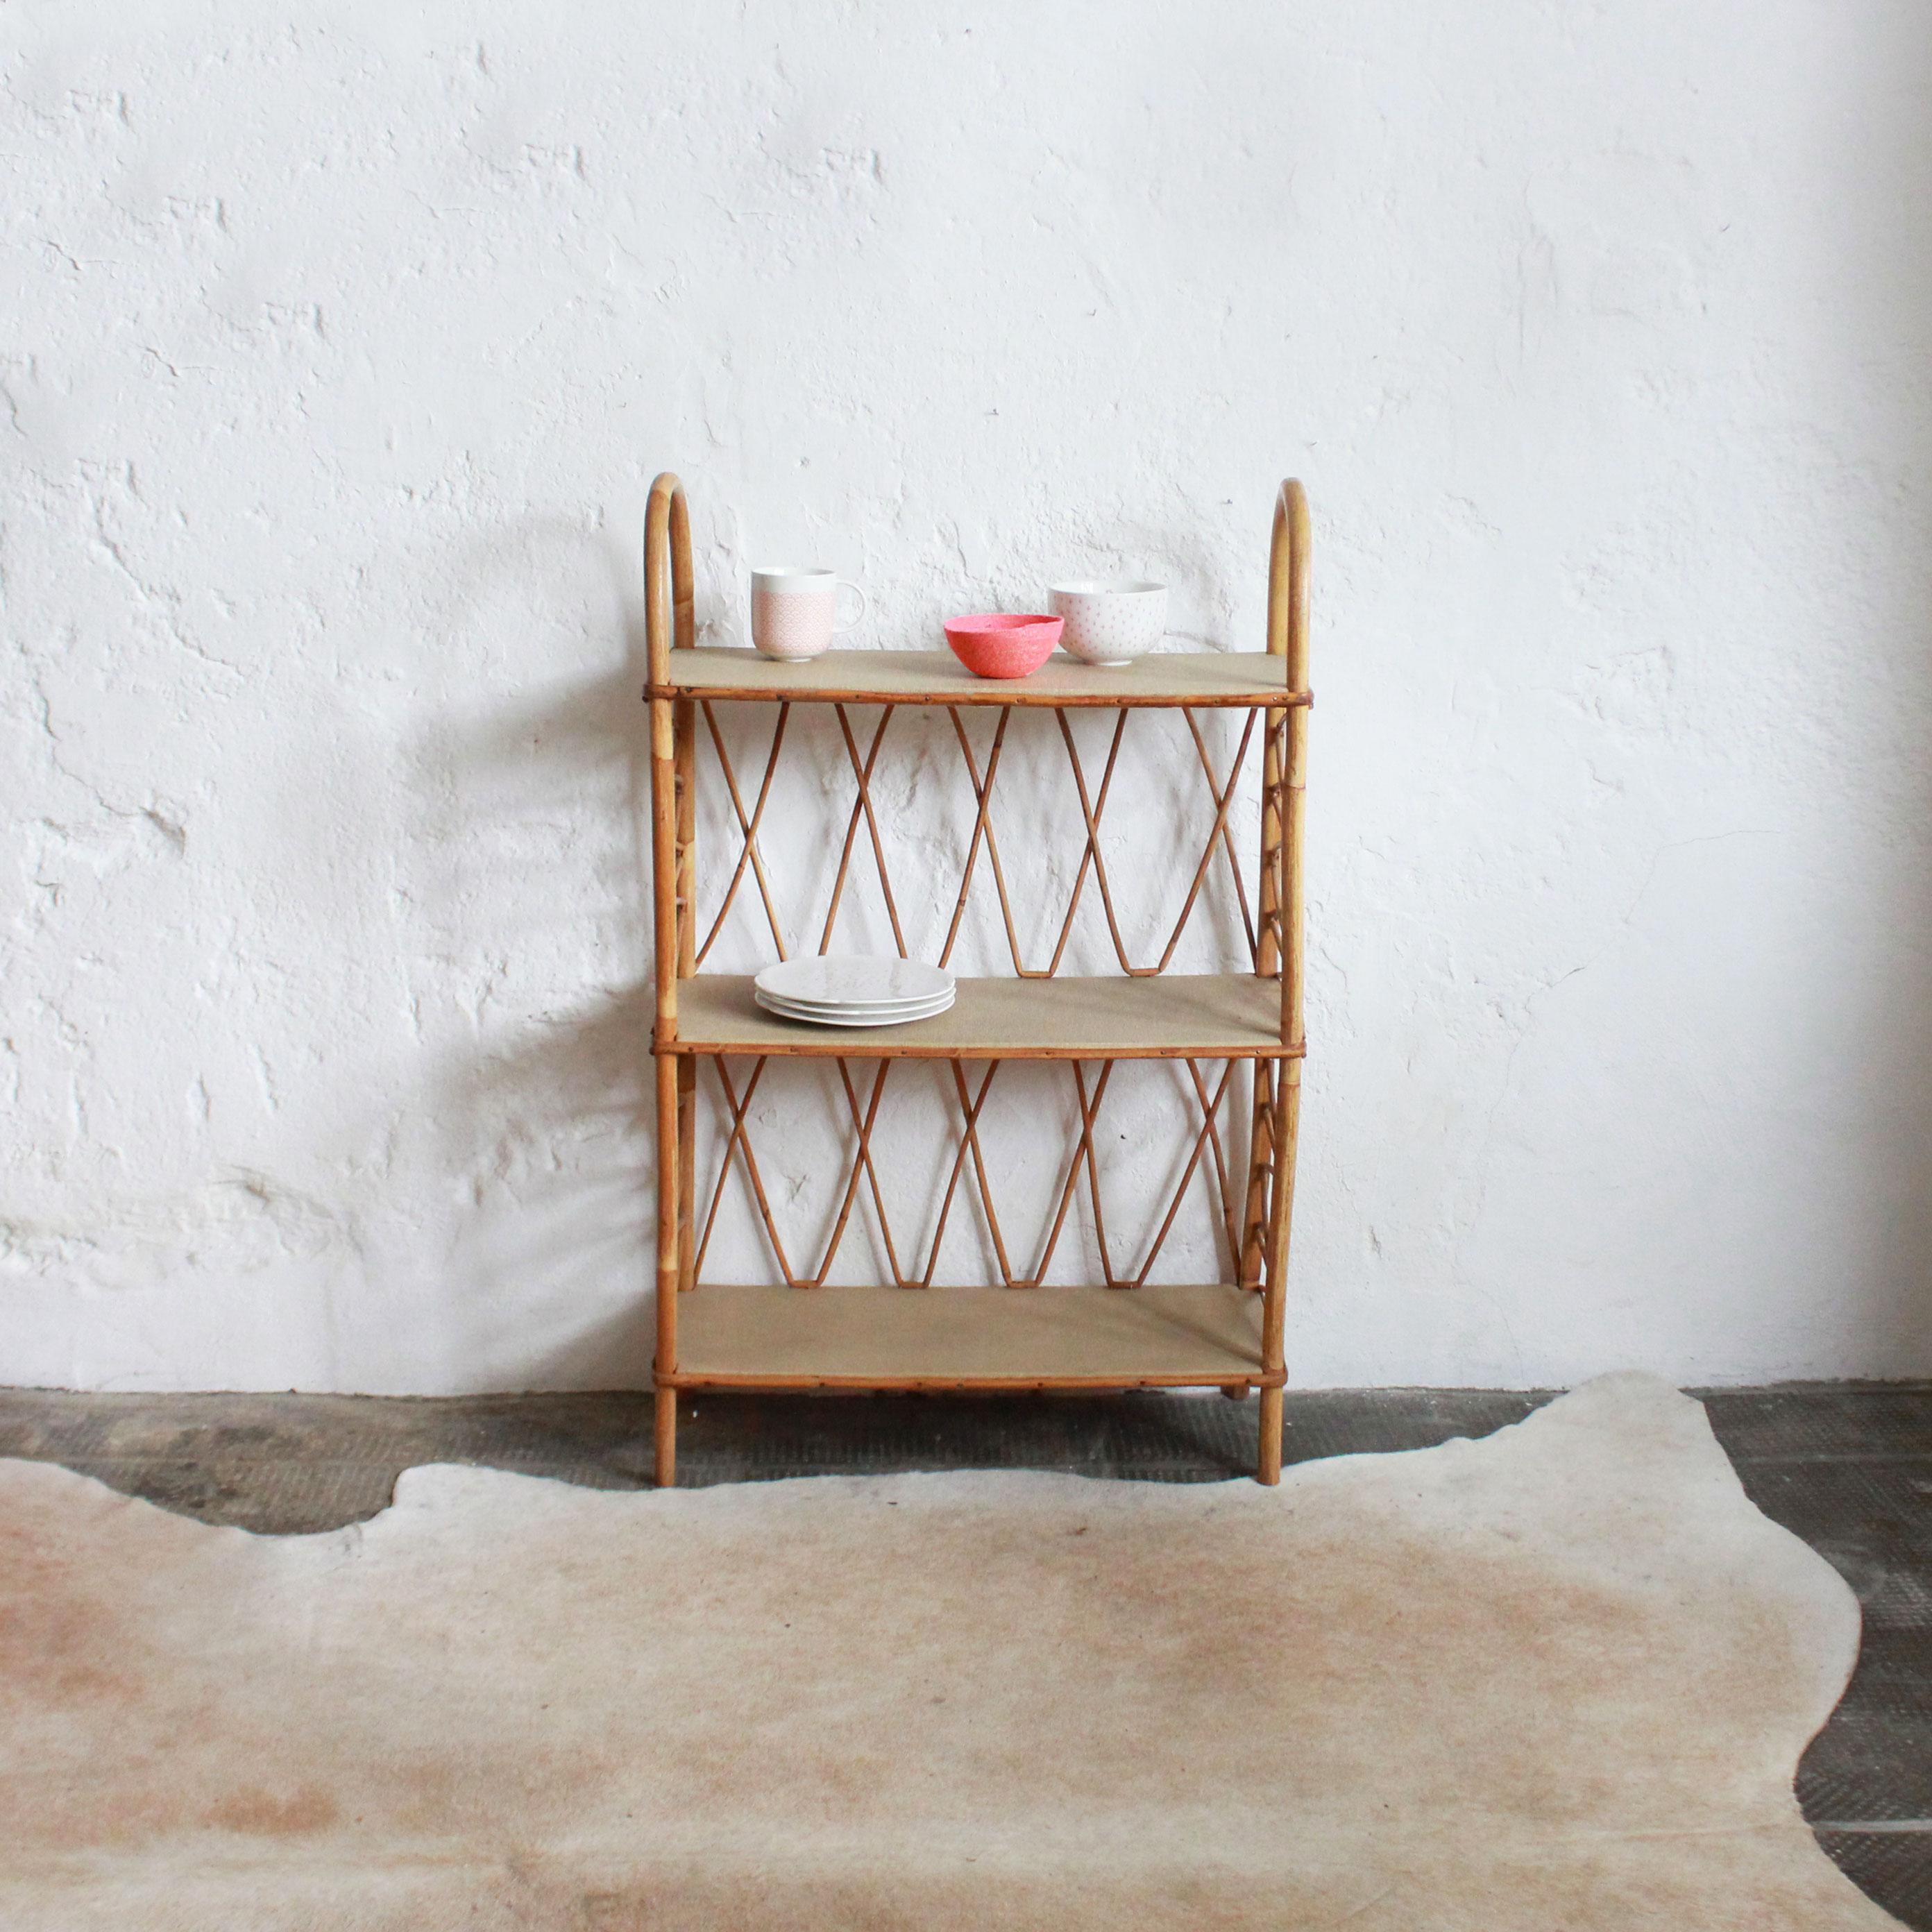 biblioth que en rotin des ann es 50 atelier du petit parc. Black Bedroom Furniture Sets. Home Design Ideas